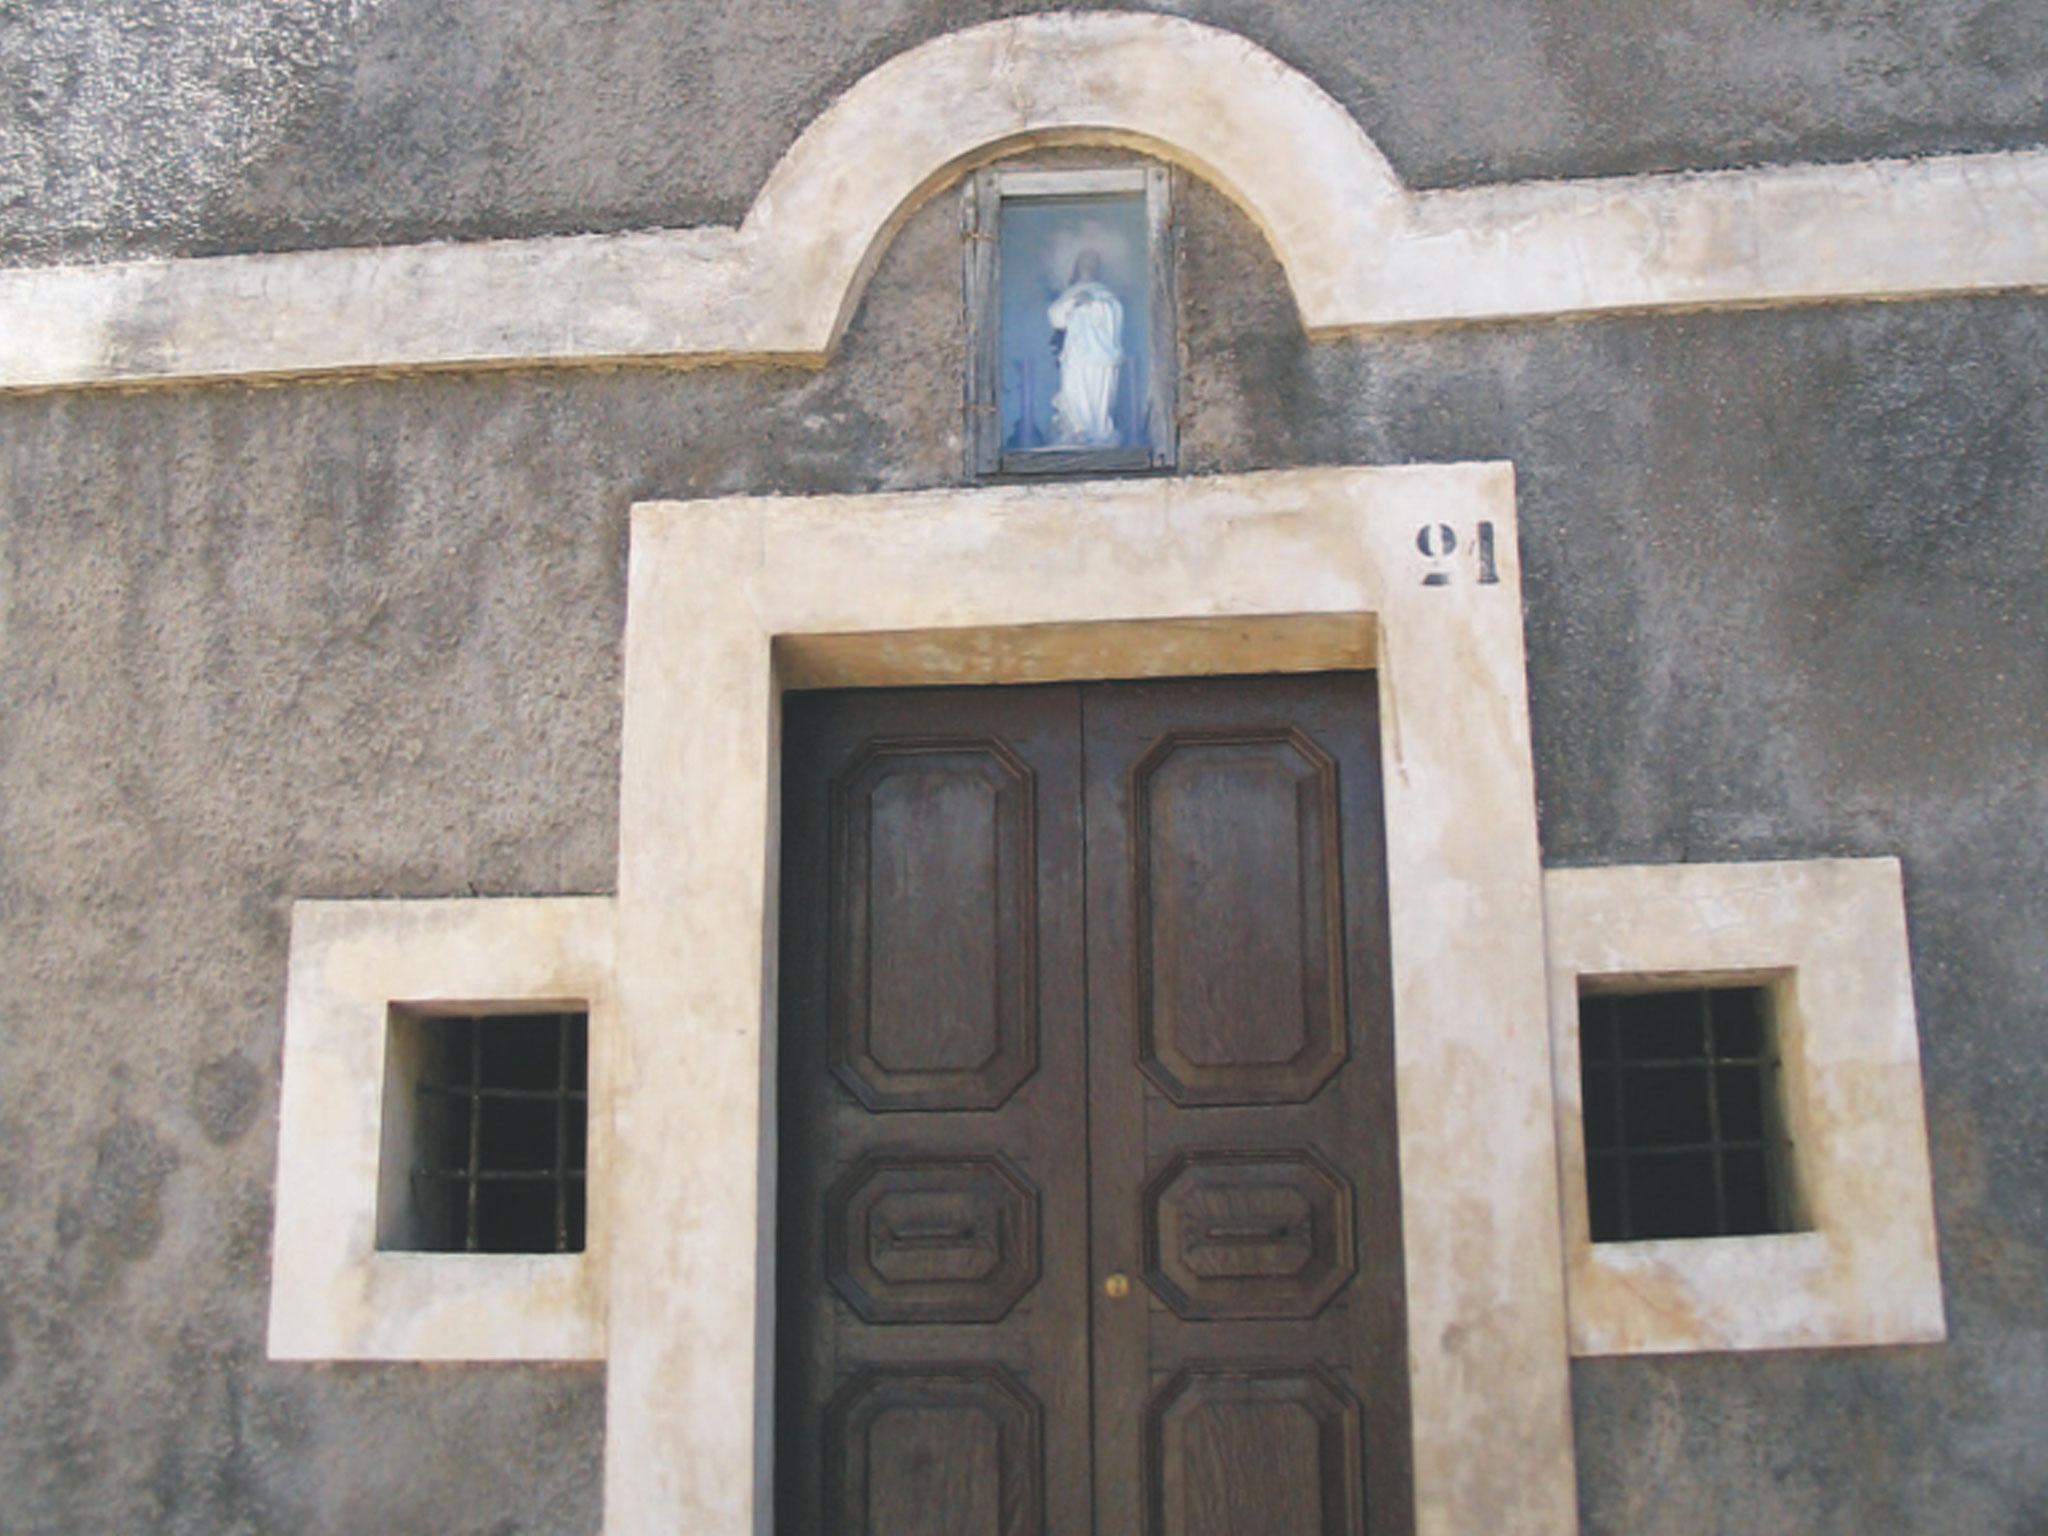 filettino-verifiche-tecniche-chiesa-di-s-s-trinita